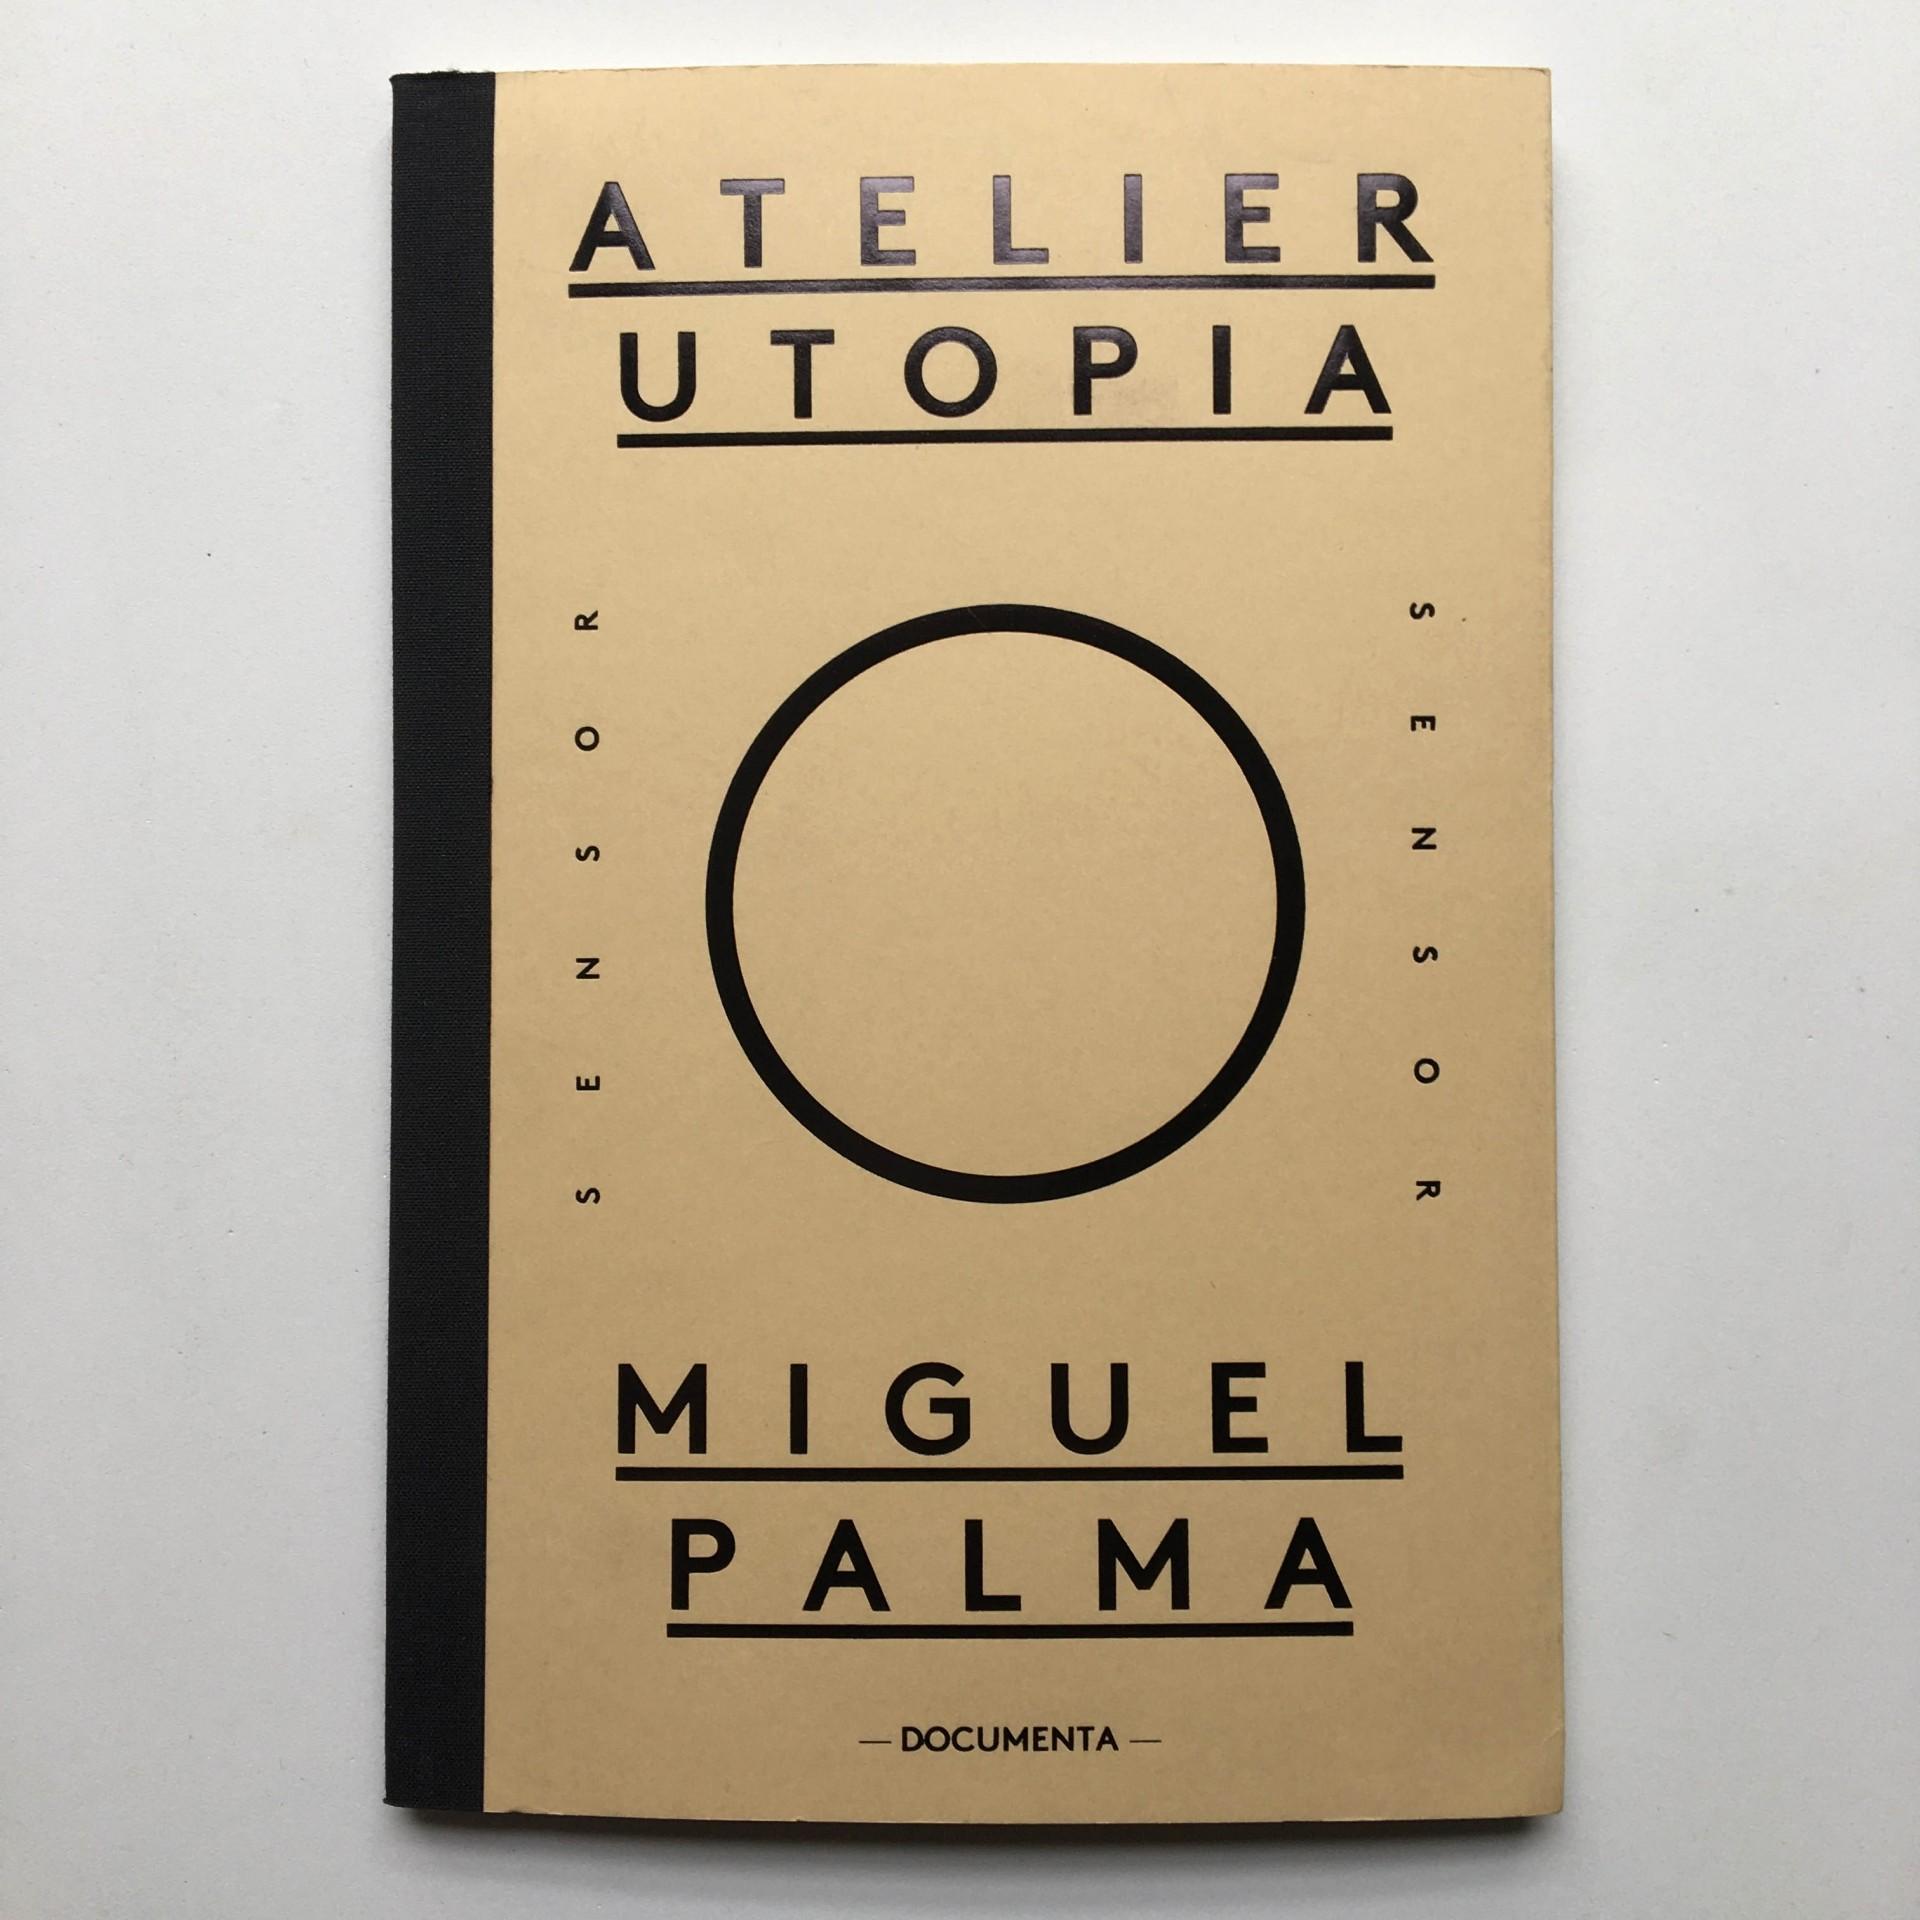 Atelier Utopia